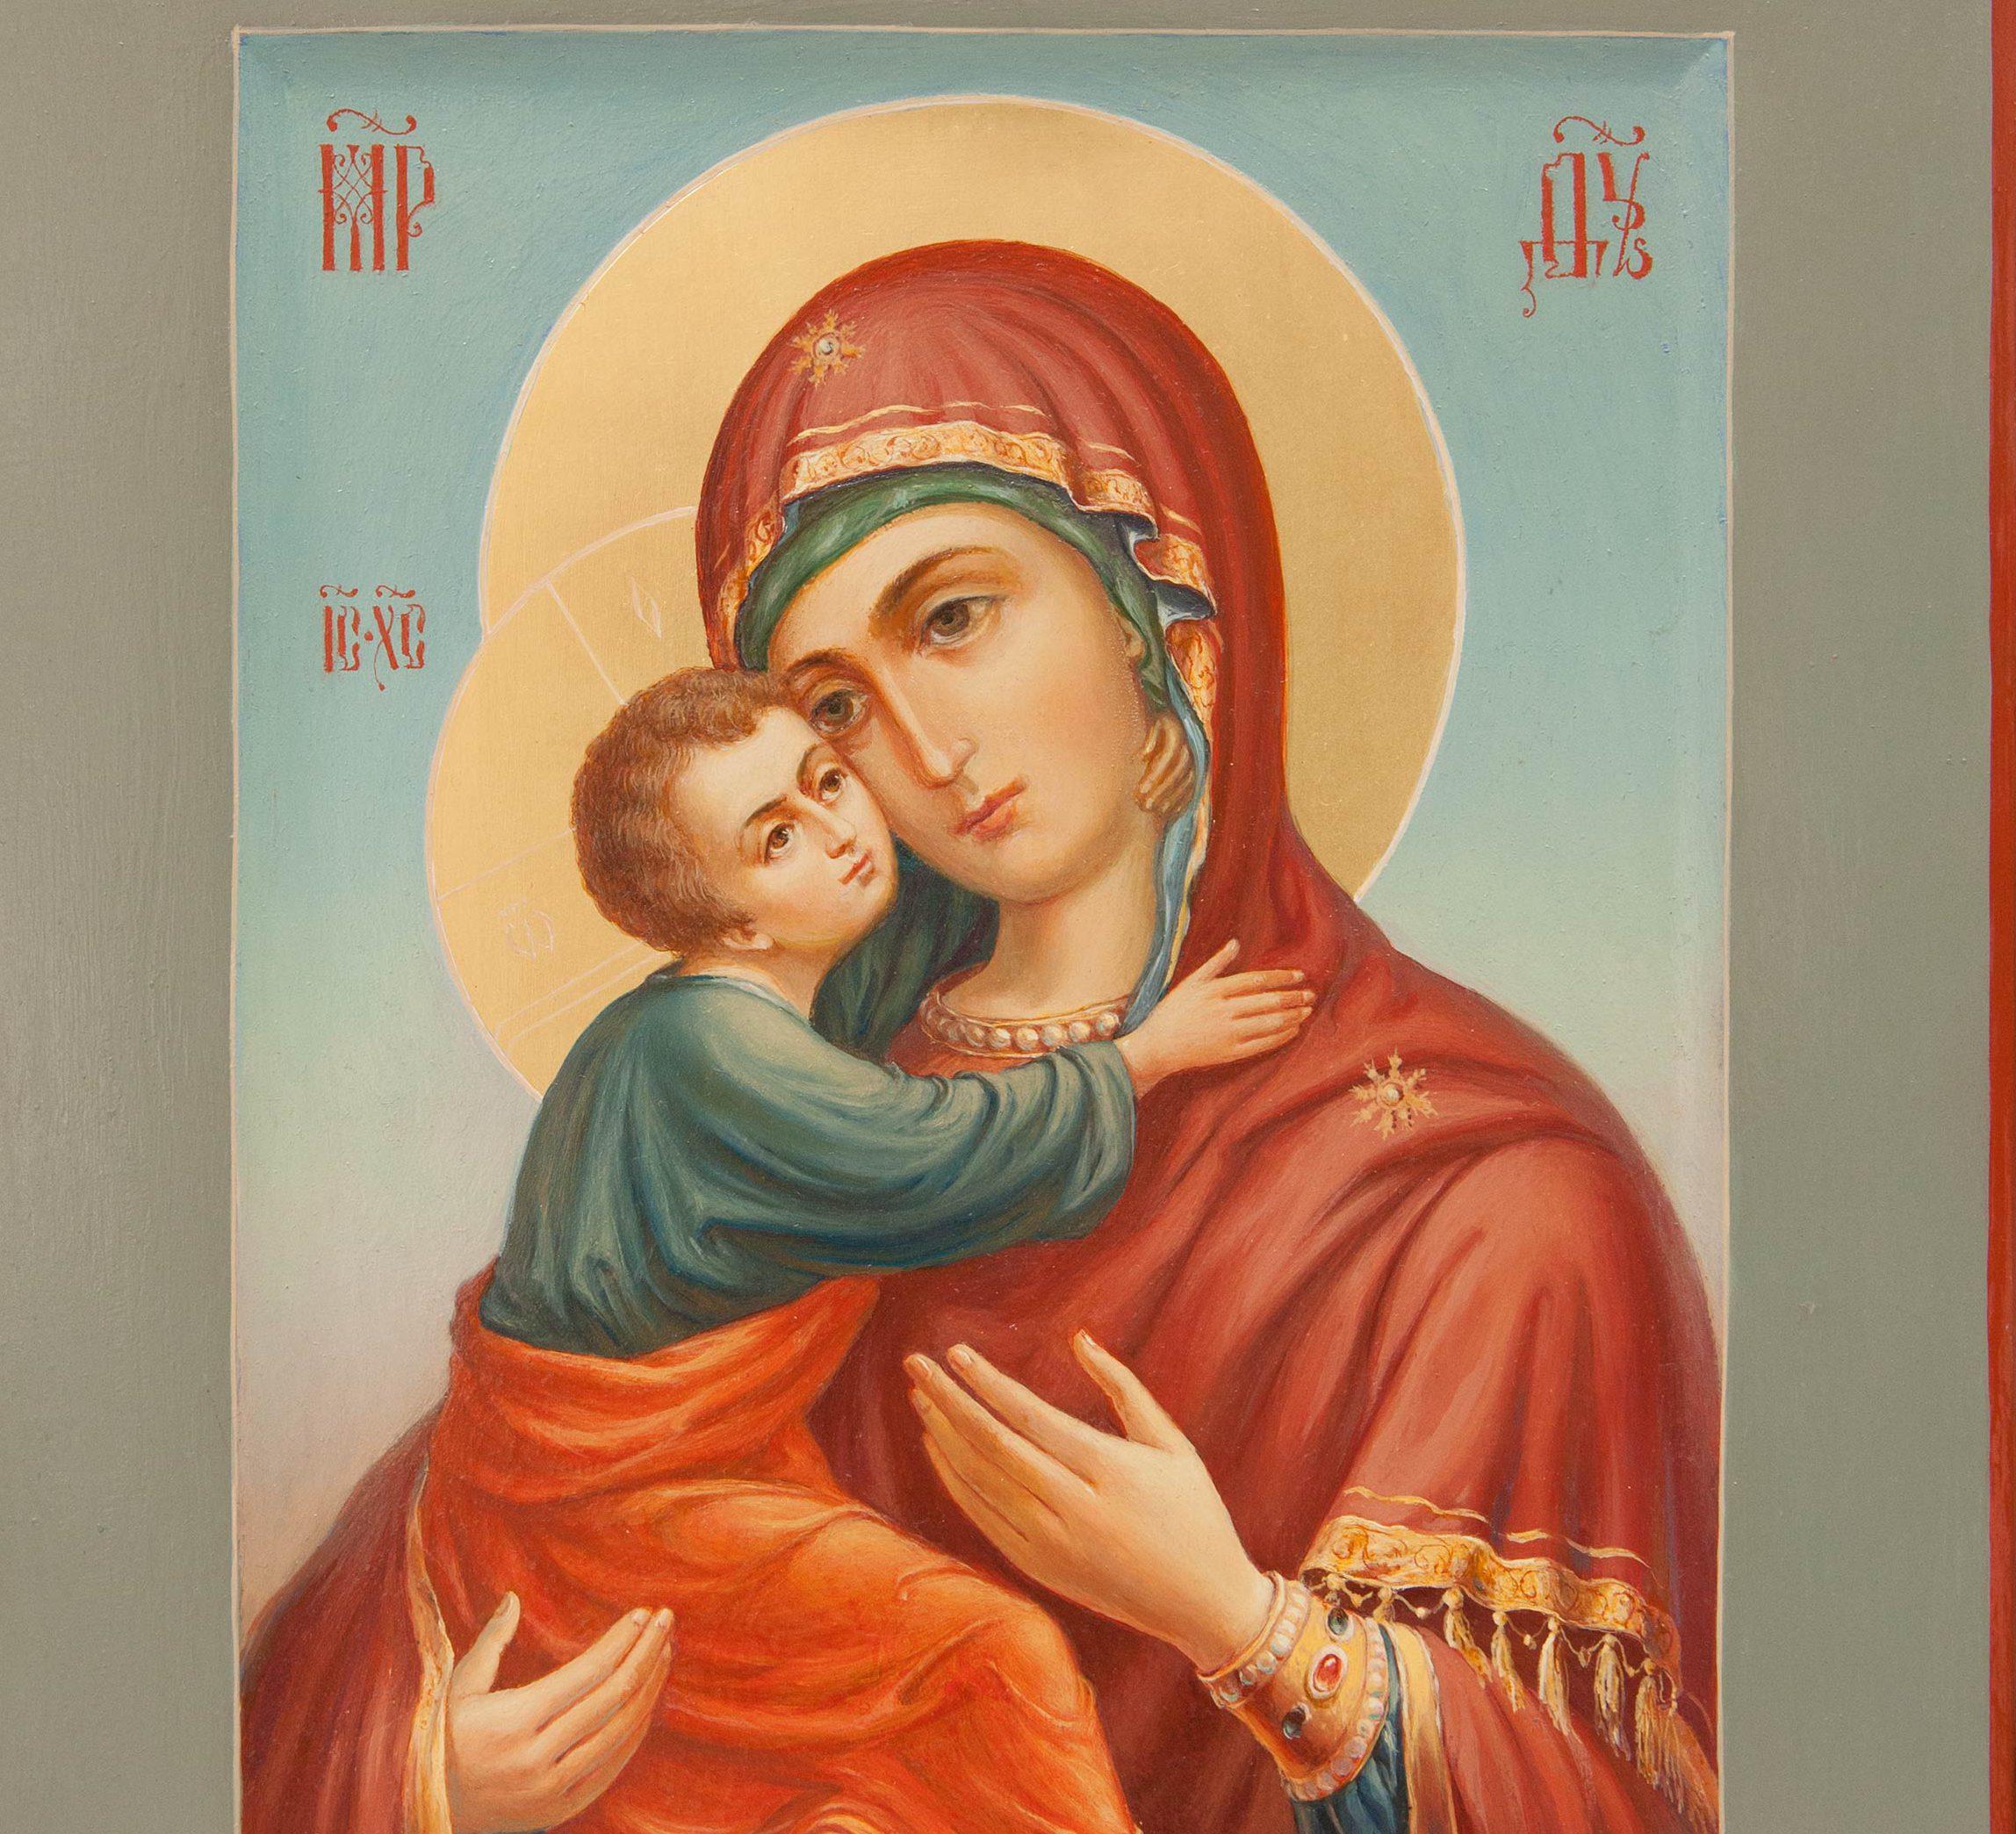 Оскорбивших Деву Марию приговорили к заучиванию Корана